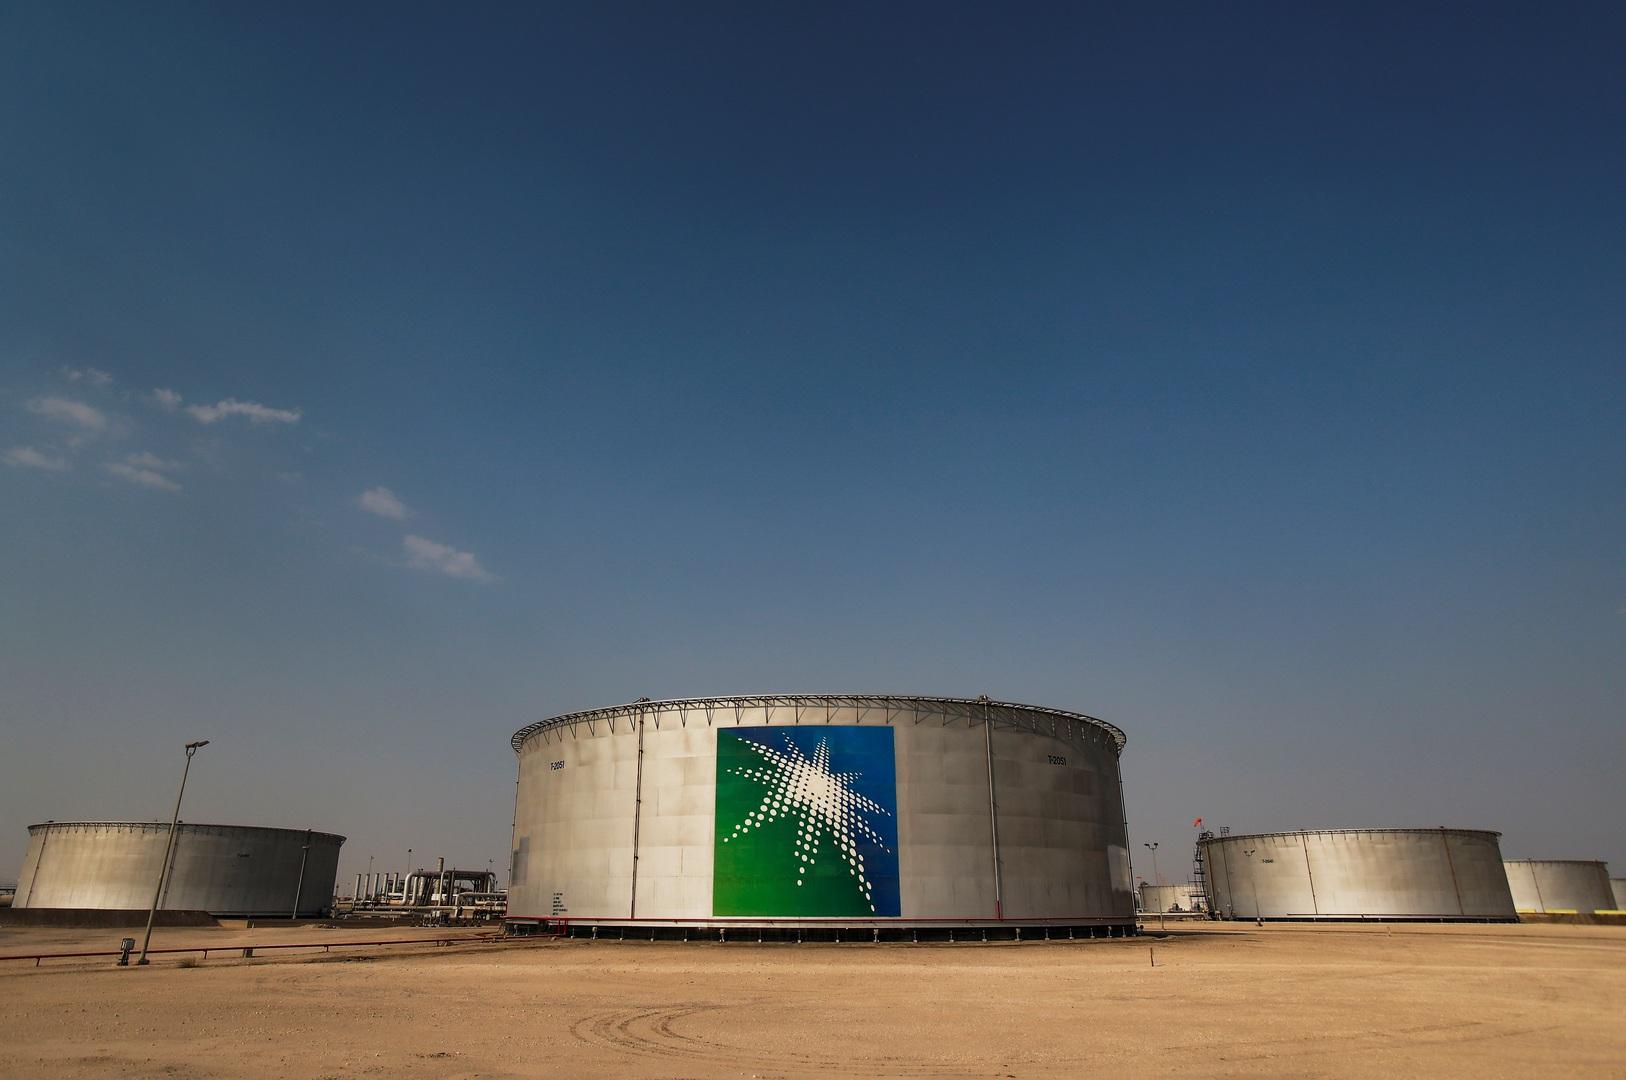 الرياض: اتخذنا الإجراءات اللازمة لضمان سلامة المنشآت النفطية